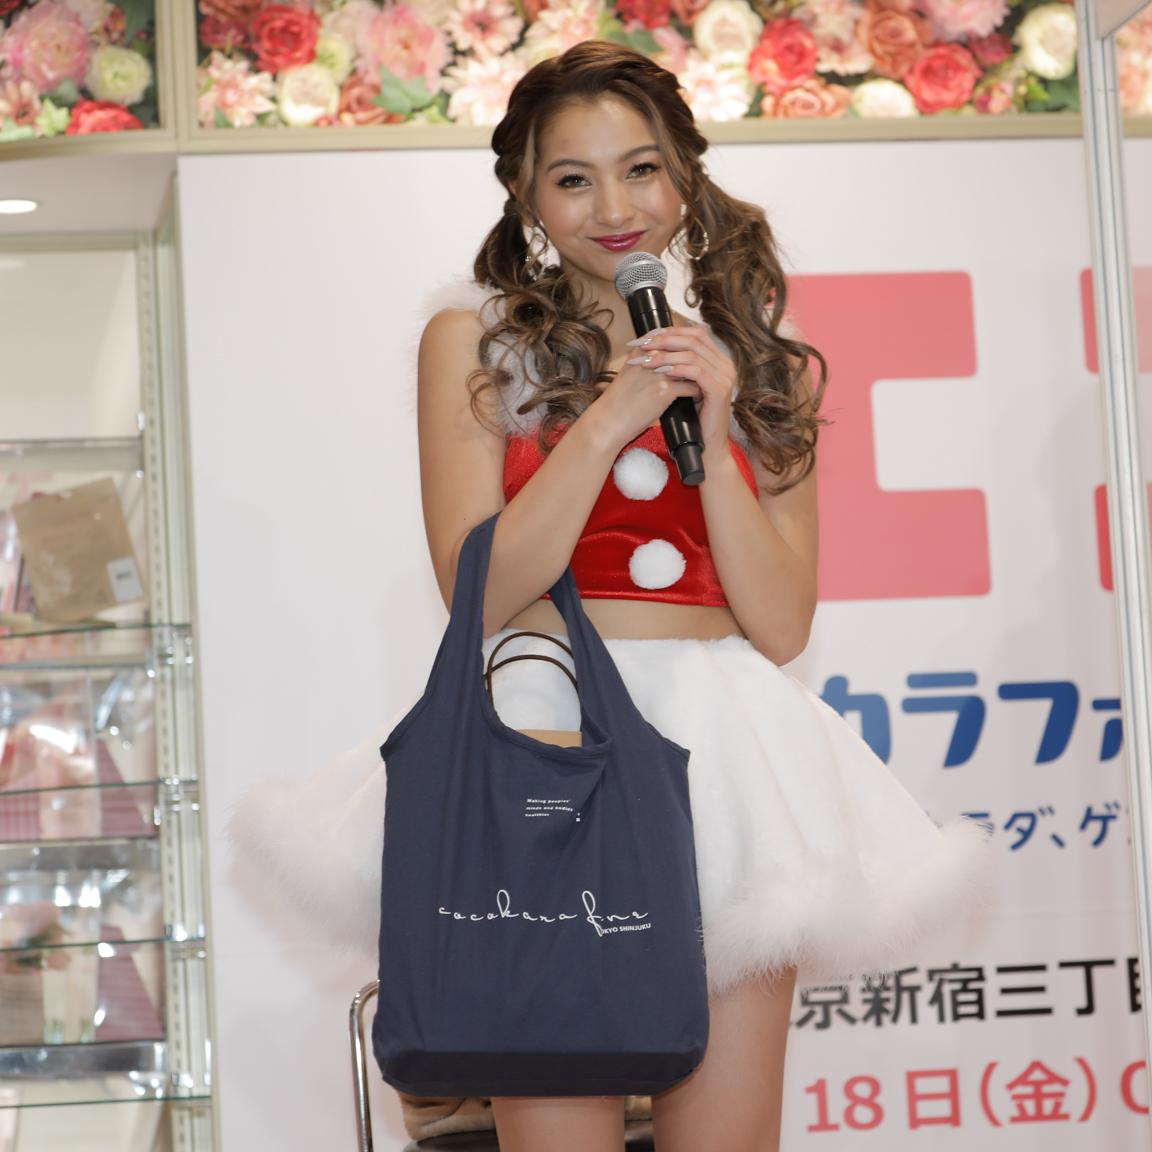 ゆきぽよ サンタ姿/ココカラファイン東京新宿三丁目店